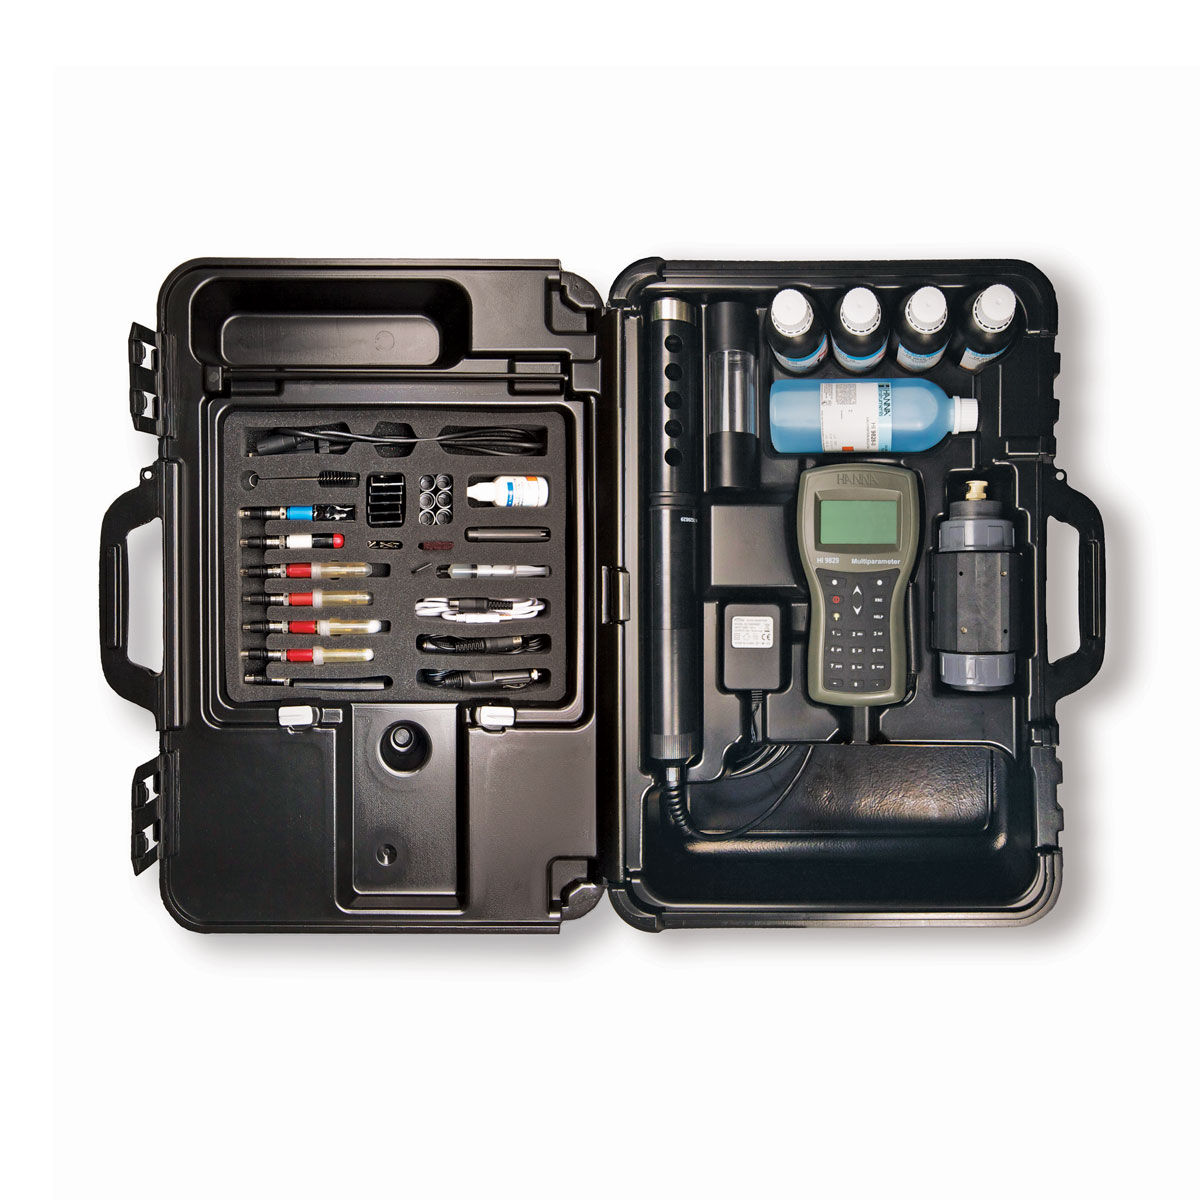 HI9829 multiparameter pH meter (in carrying case)